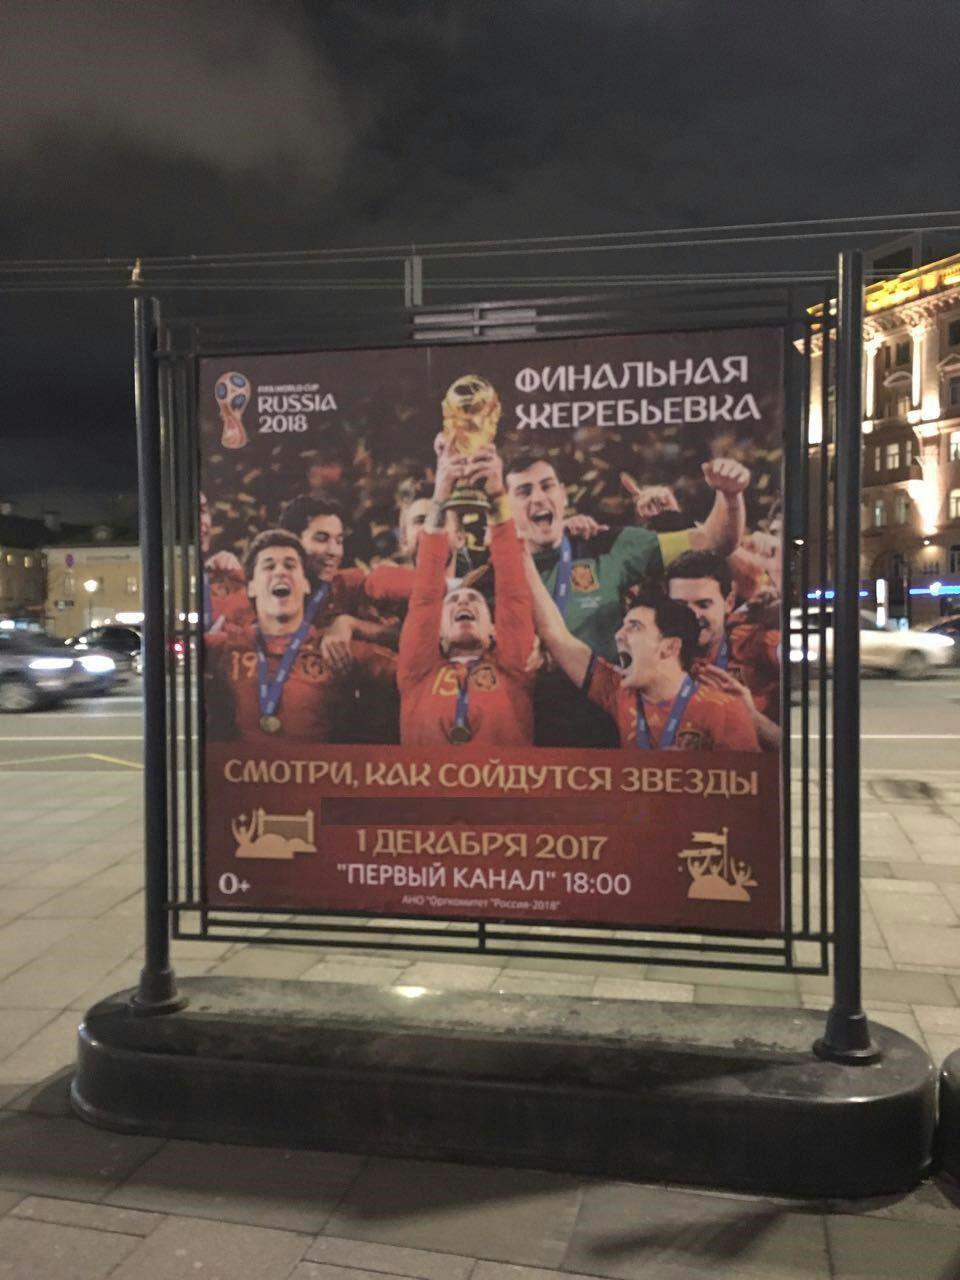 توضیحاتی پیرامون مراسم قرعهکشی جام جهانی